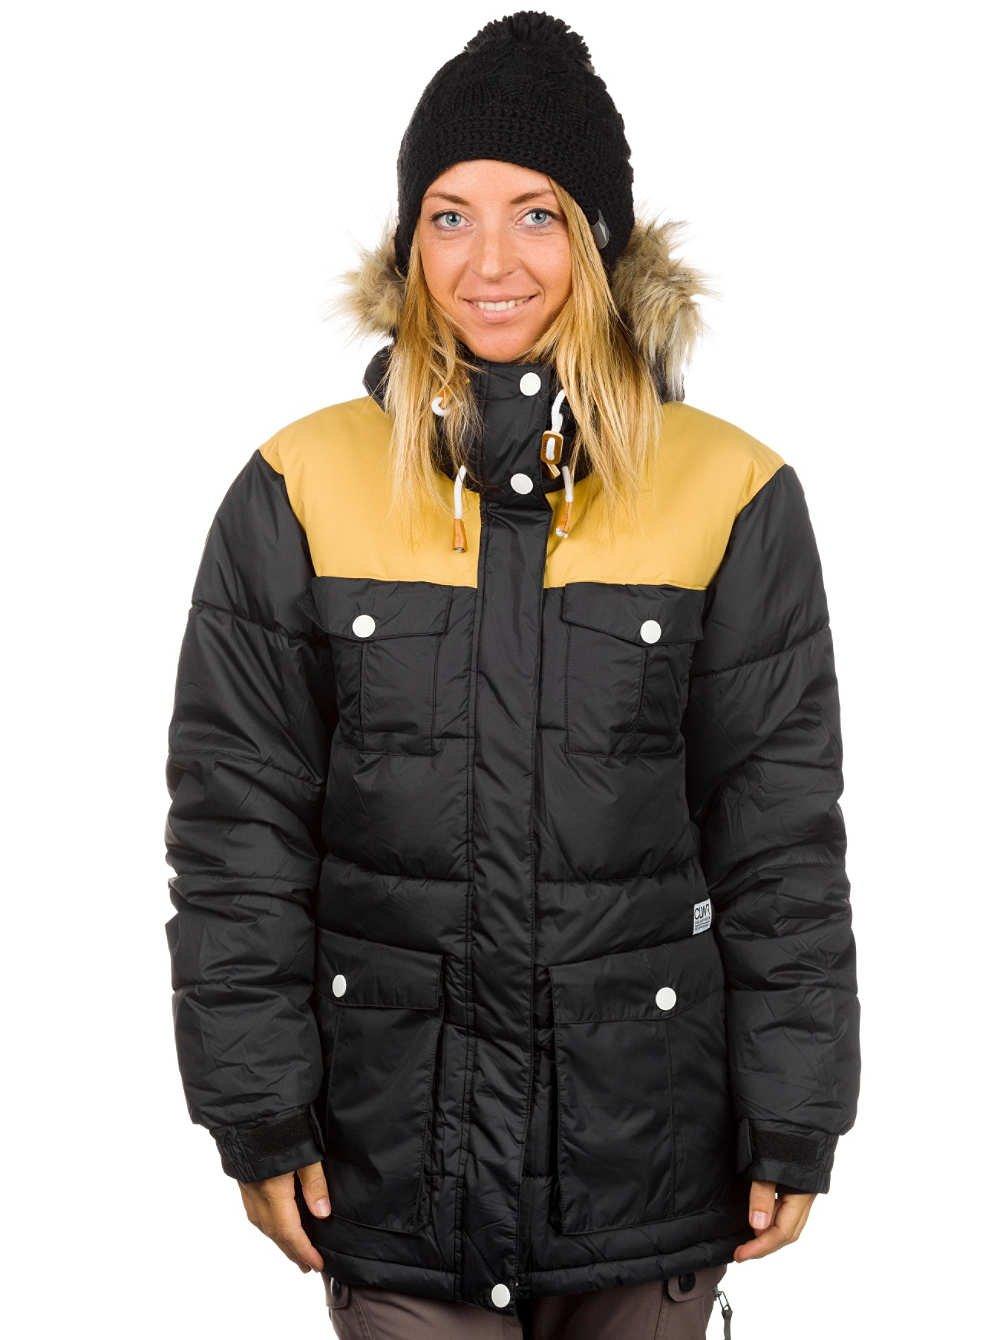 Damen Snowboard Jacke Colour Wear Tag Jacket günstig online kaufen